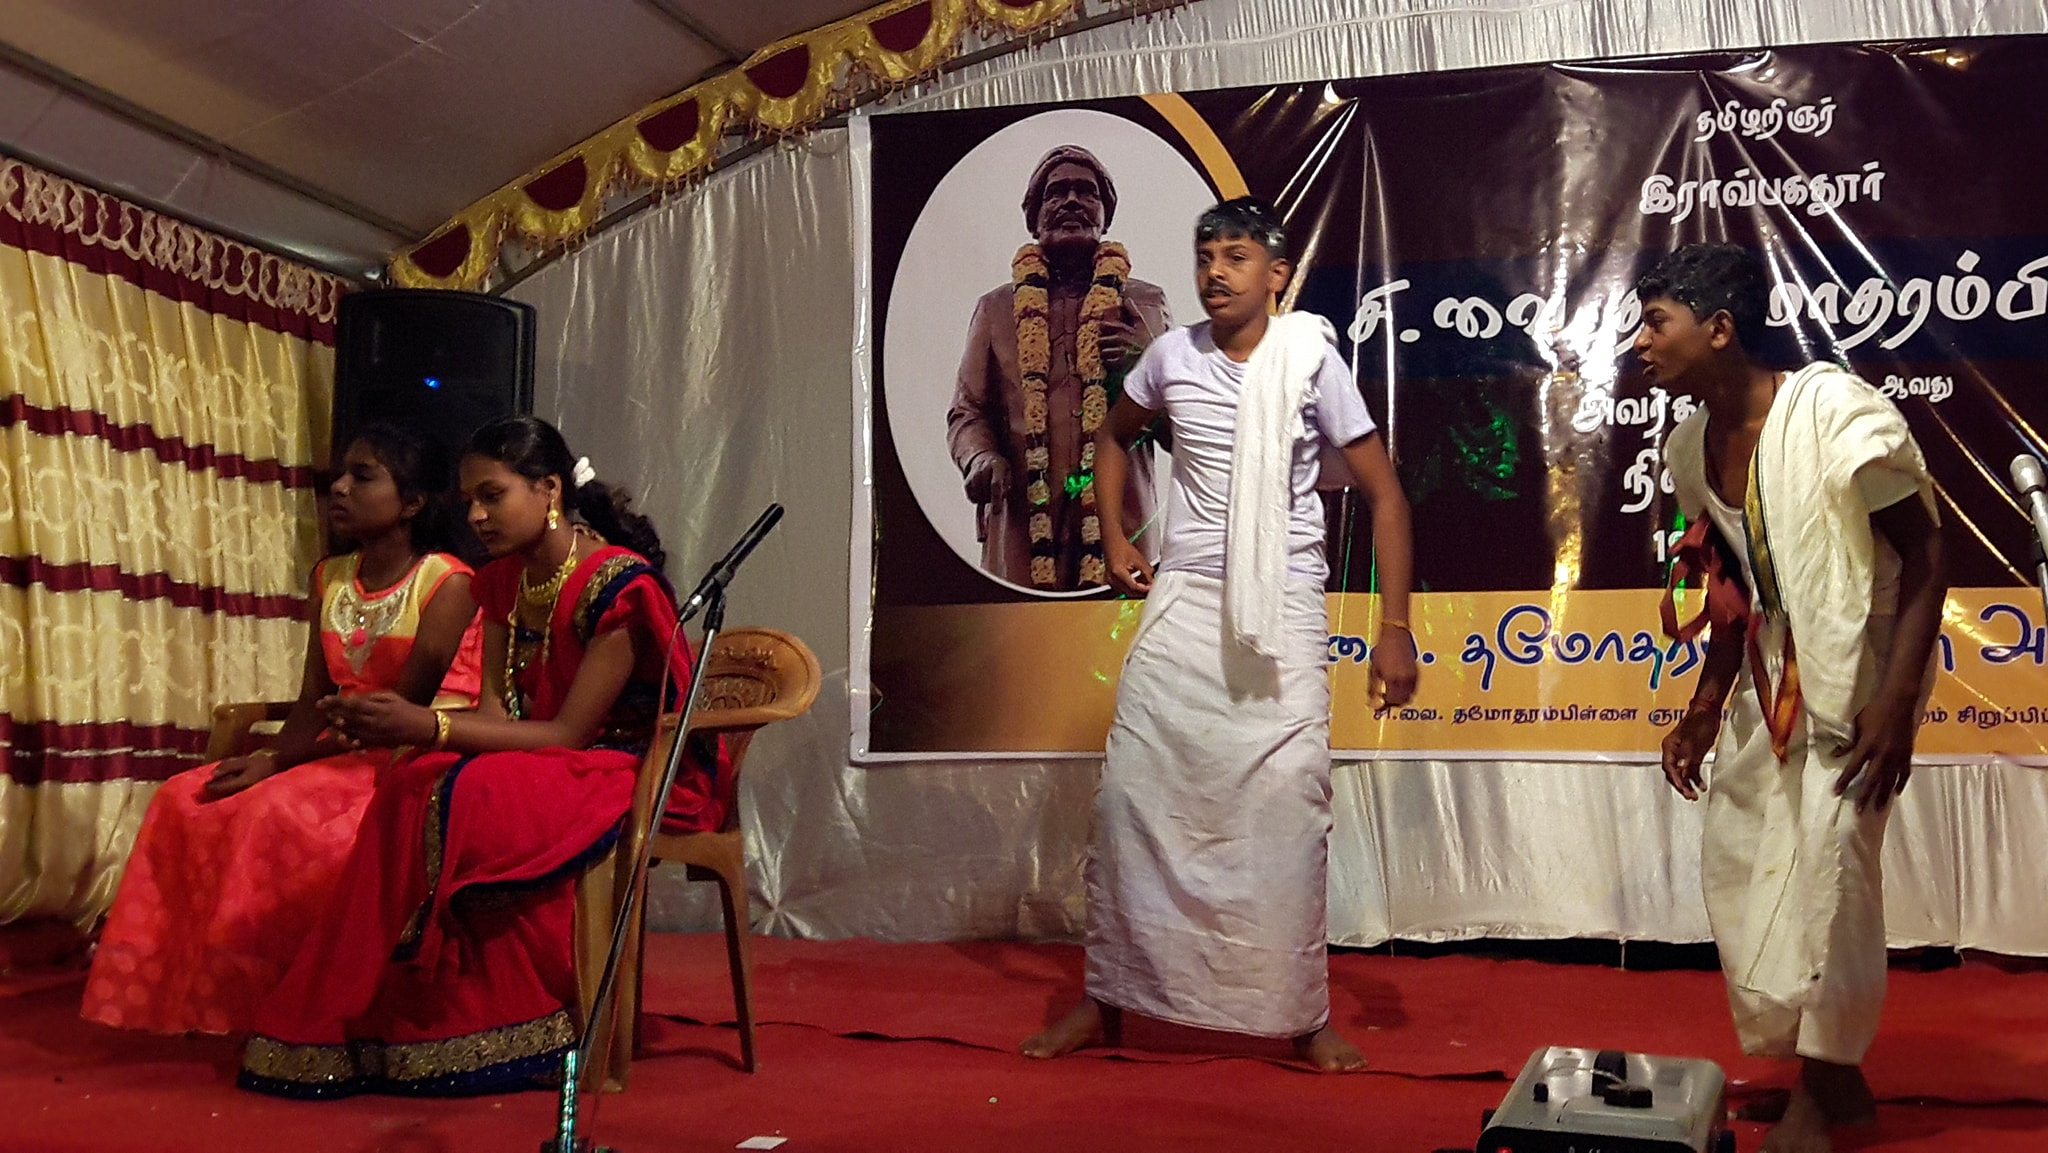 சி.வை தாமோதரம்பிள்ளையின் 118 ஆவது நினைவு விழாசிறப்பாக நடை பெற்றது